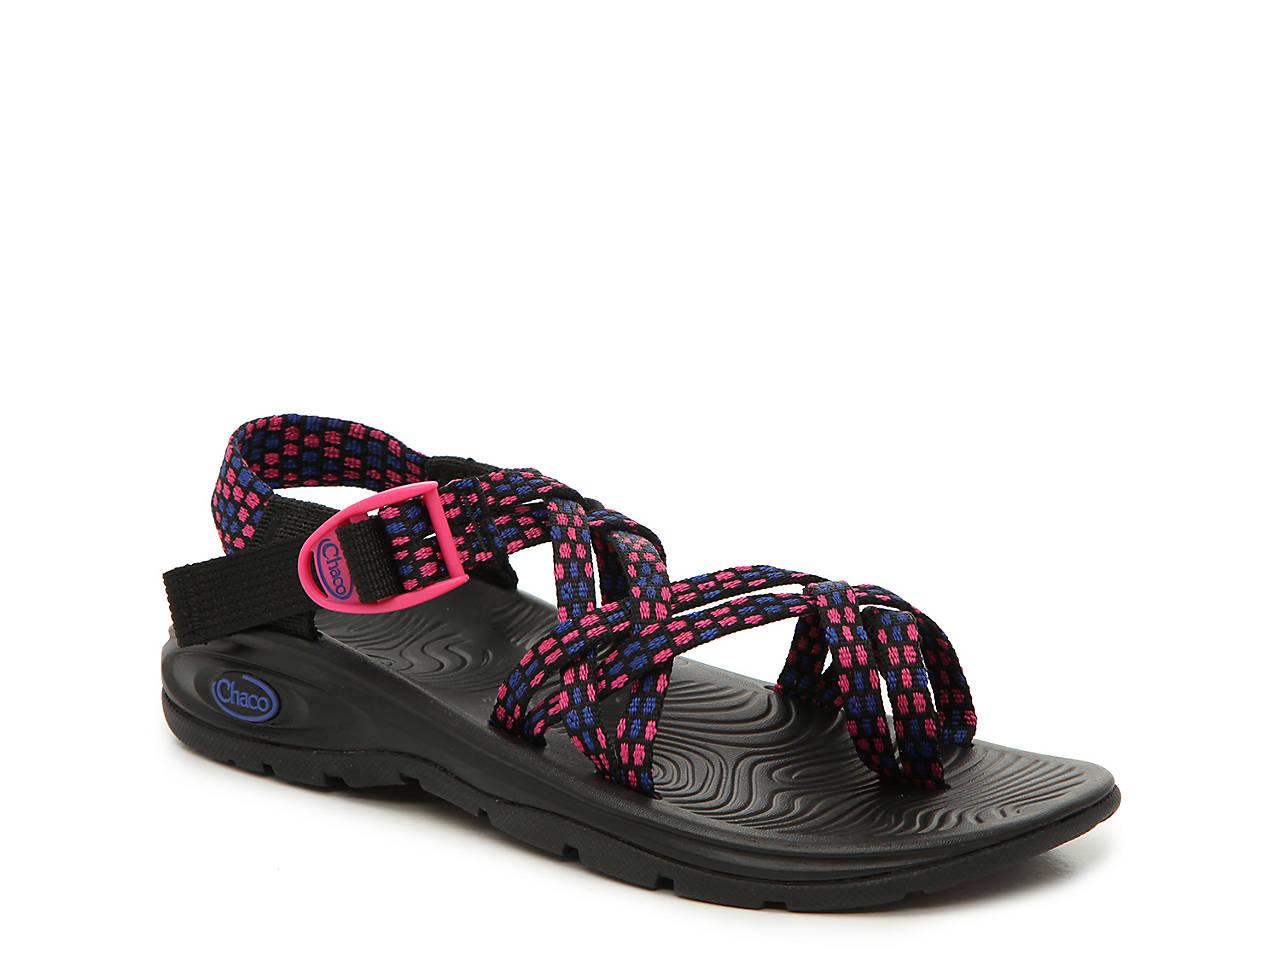 948ea92effb1 Chaco Z Volv X 2 Sandal Women s Shoes